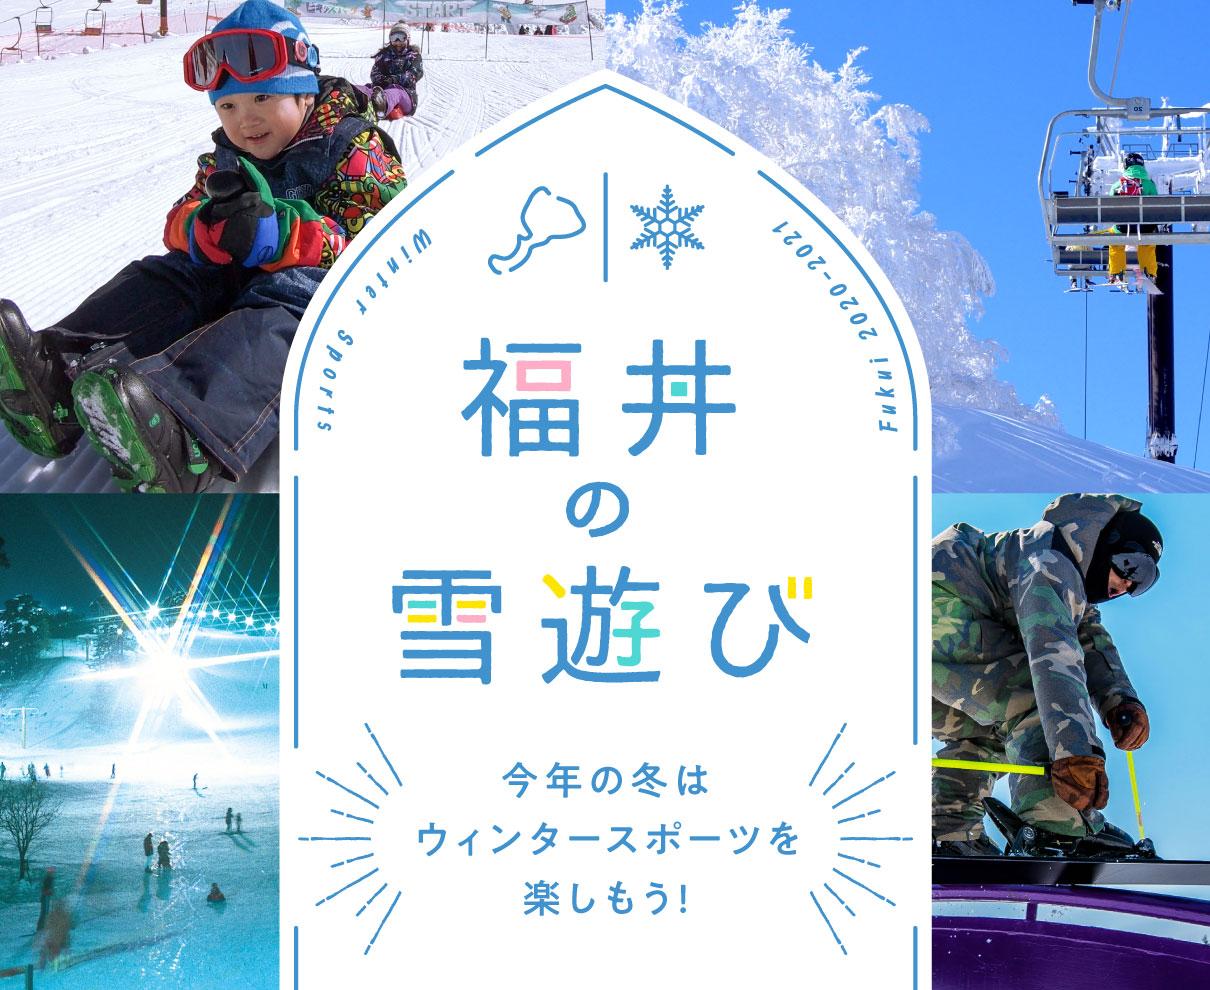 福井の雪遊び 今年の冬はウィンタースポーツを楽しもう!2021